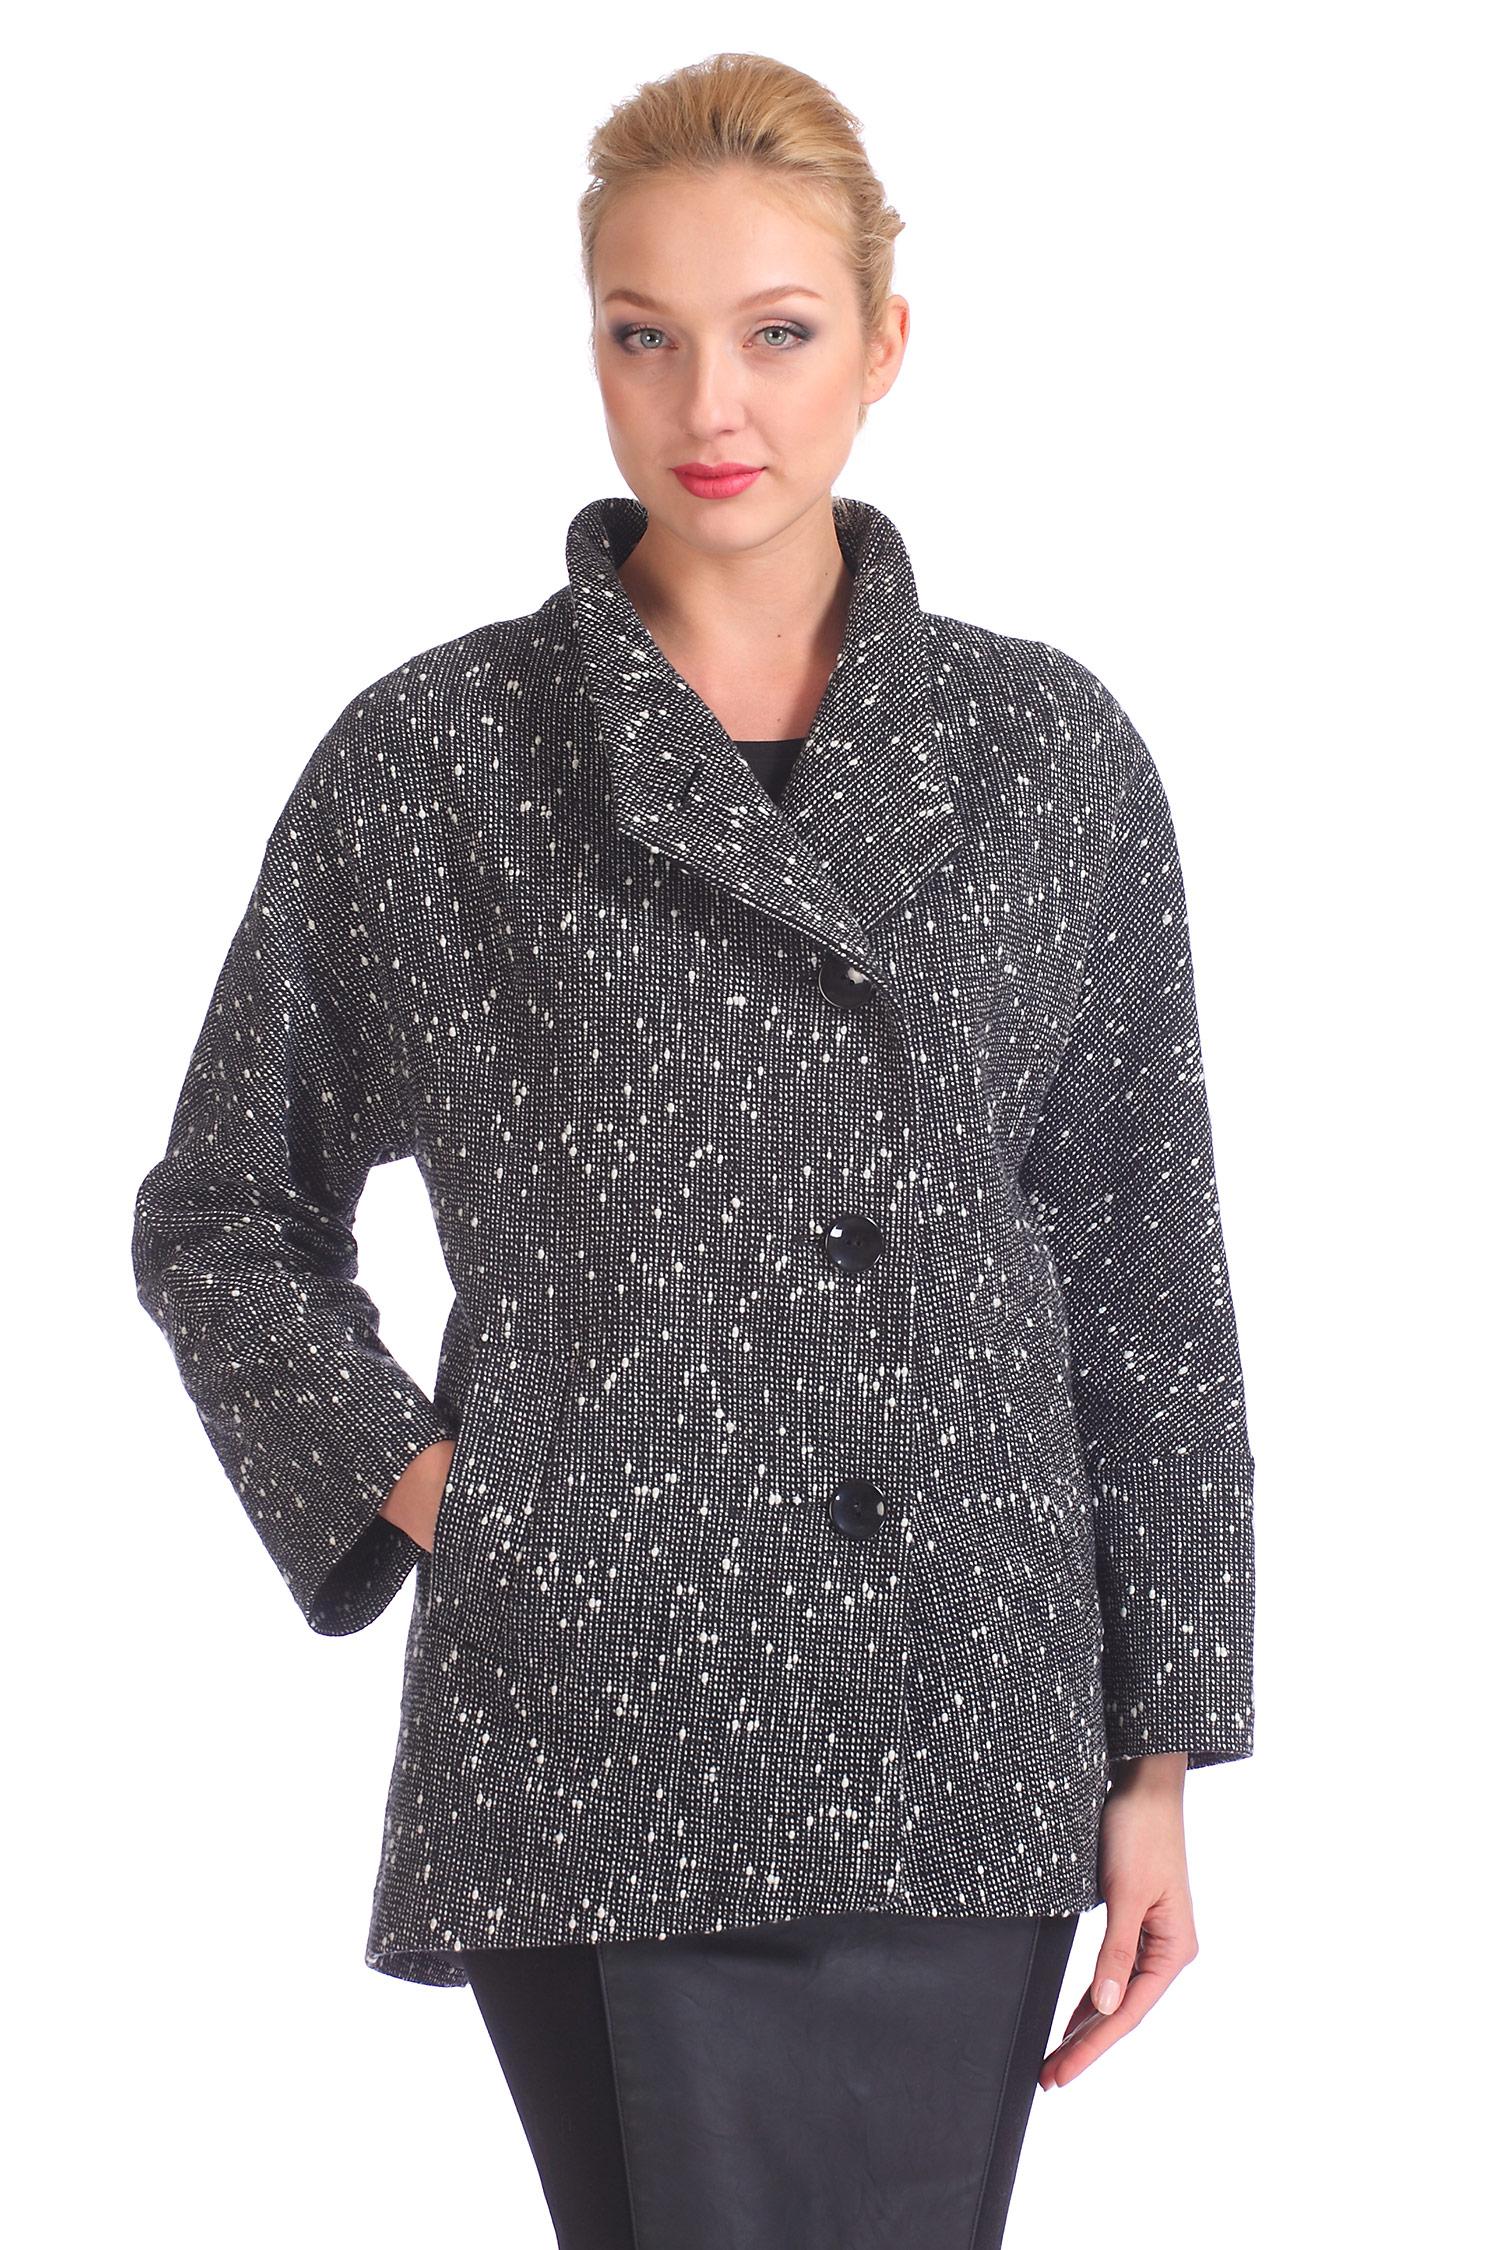 Женское пальто с воротником, без отделки<br><br>Воротник: стойка<br>Длина см: Короткая (51-74 )<br>Материал: Комбинированный состав<br>Цвет: серый<br>Вид застежки: центральная<br>Застежка: на пуговицы<br>Пол: Женский<br>Размер RU: 48